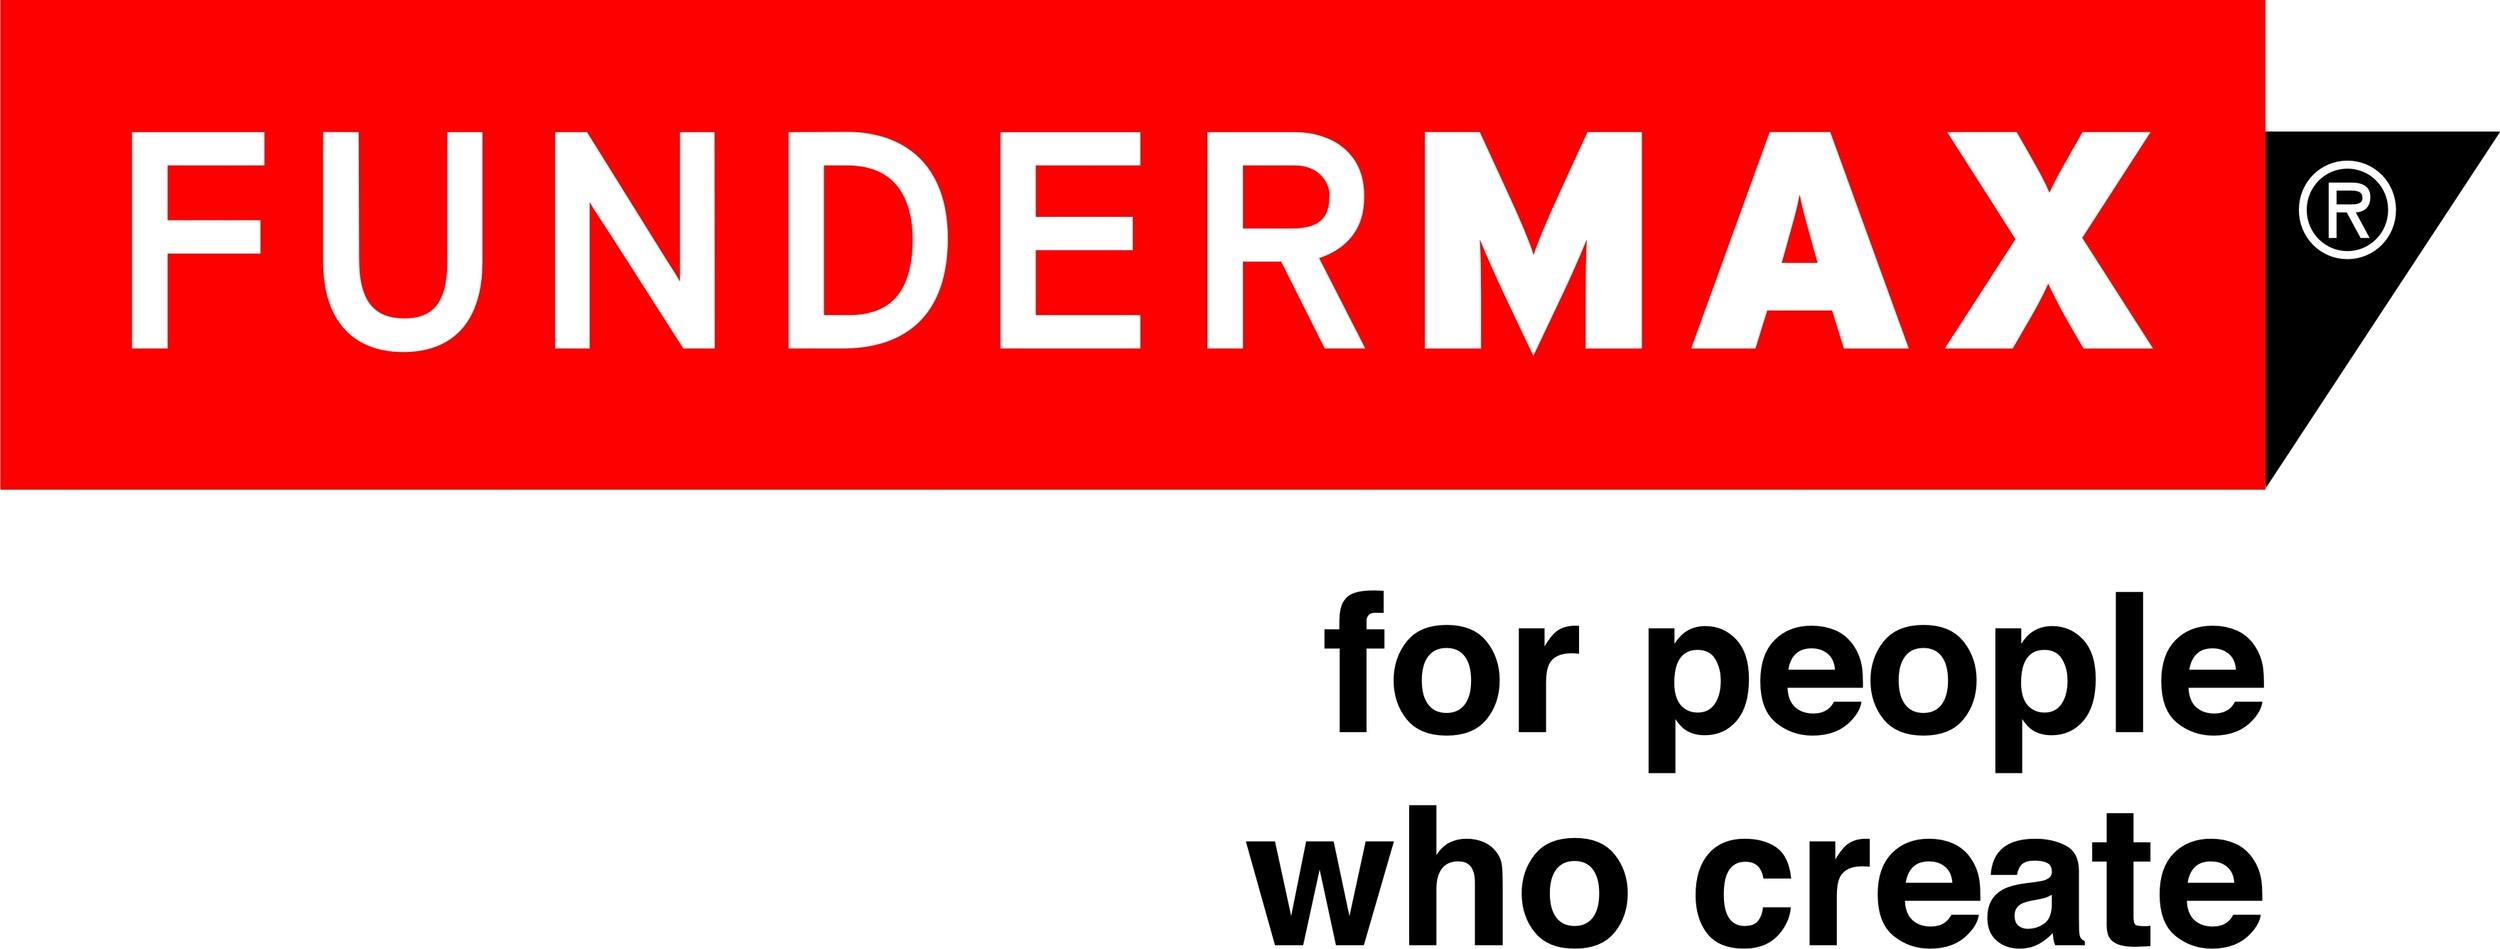 FunderMax-Logo-300dpi-copy.jpg